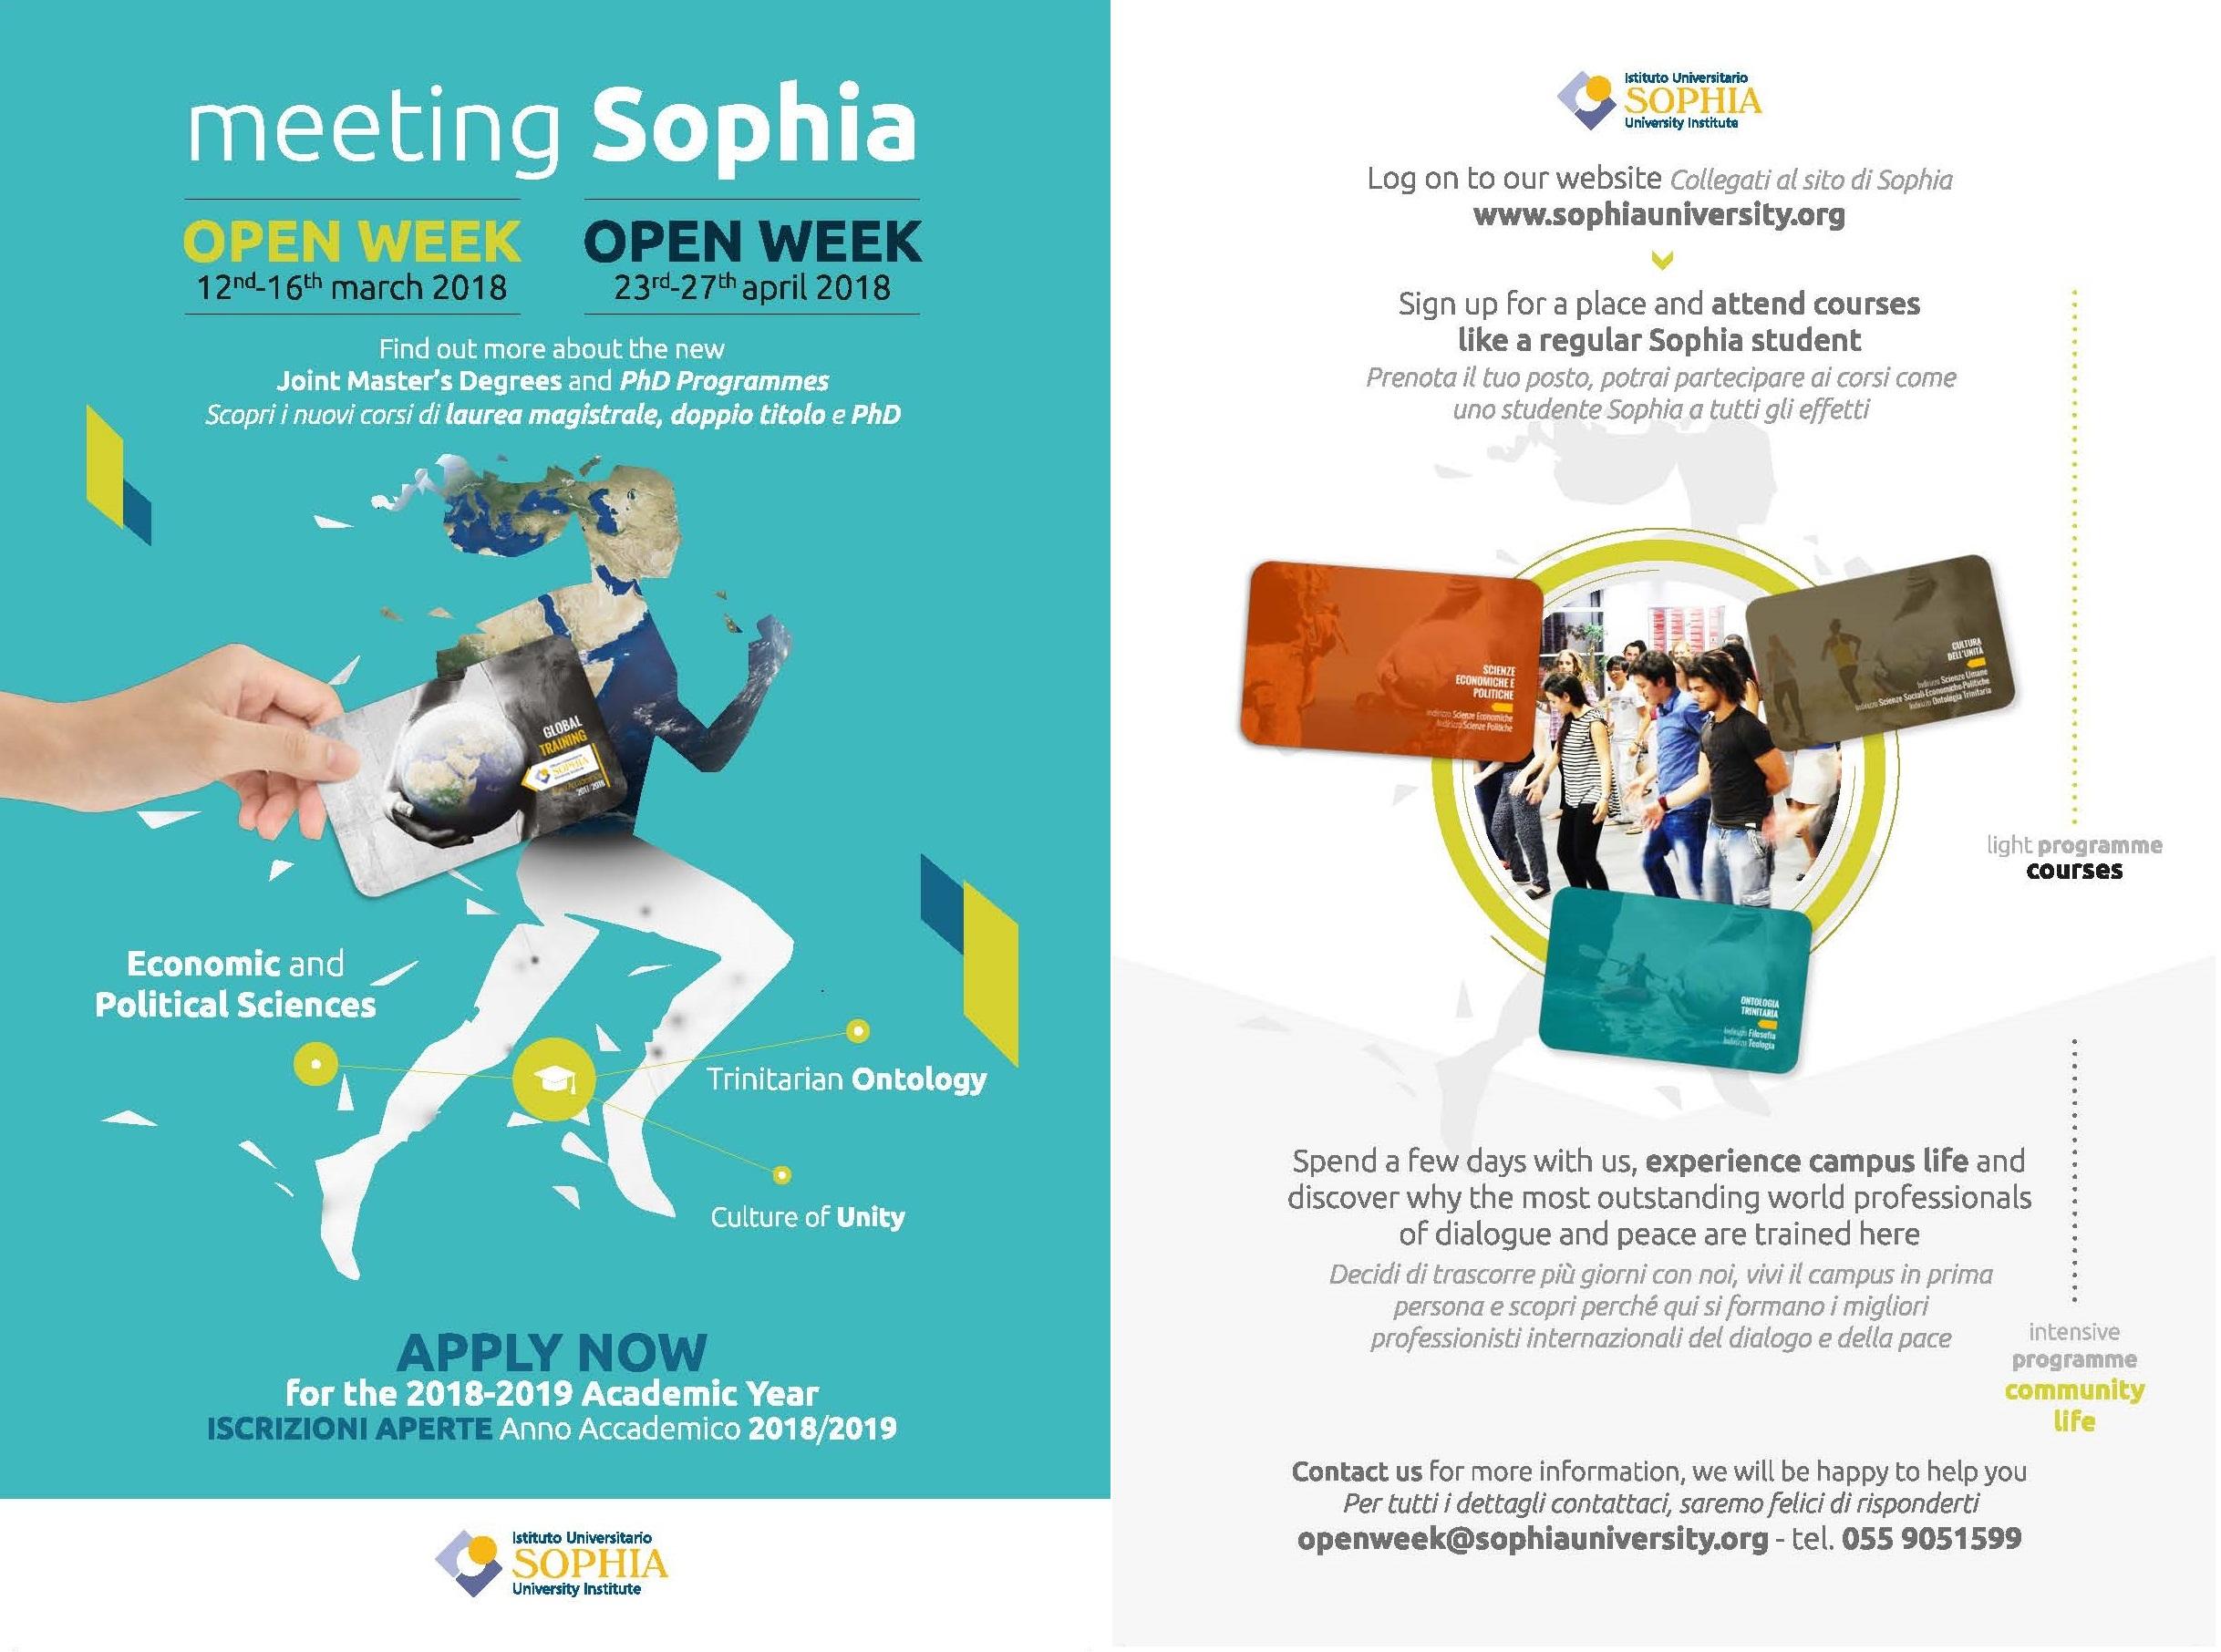 OPEN WEEK Sophia